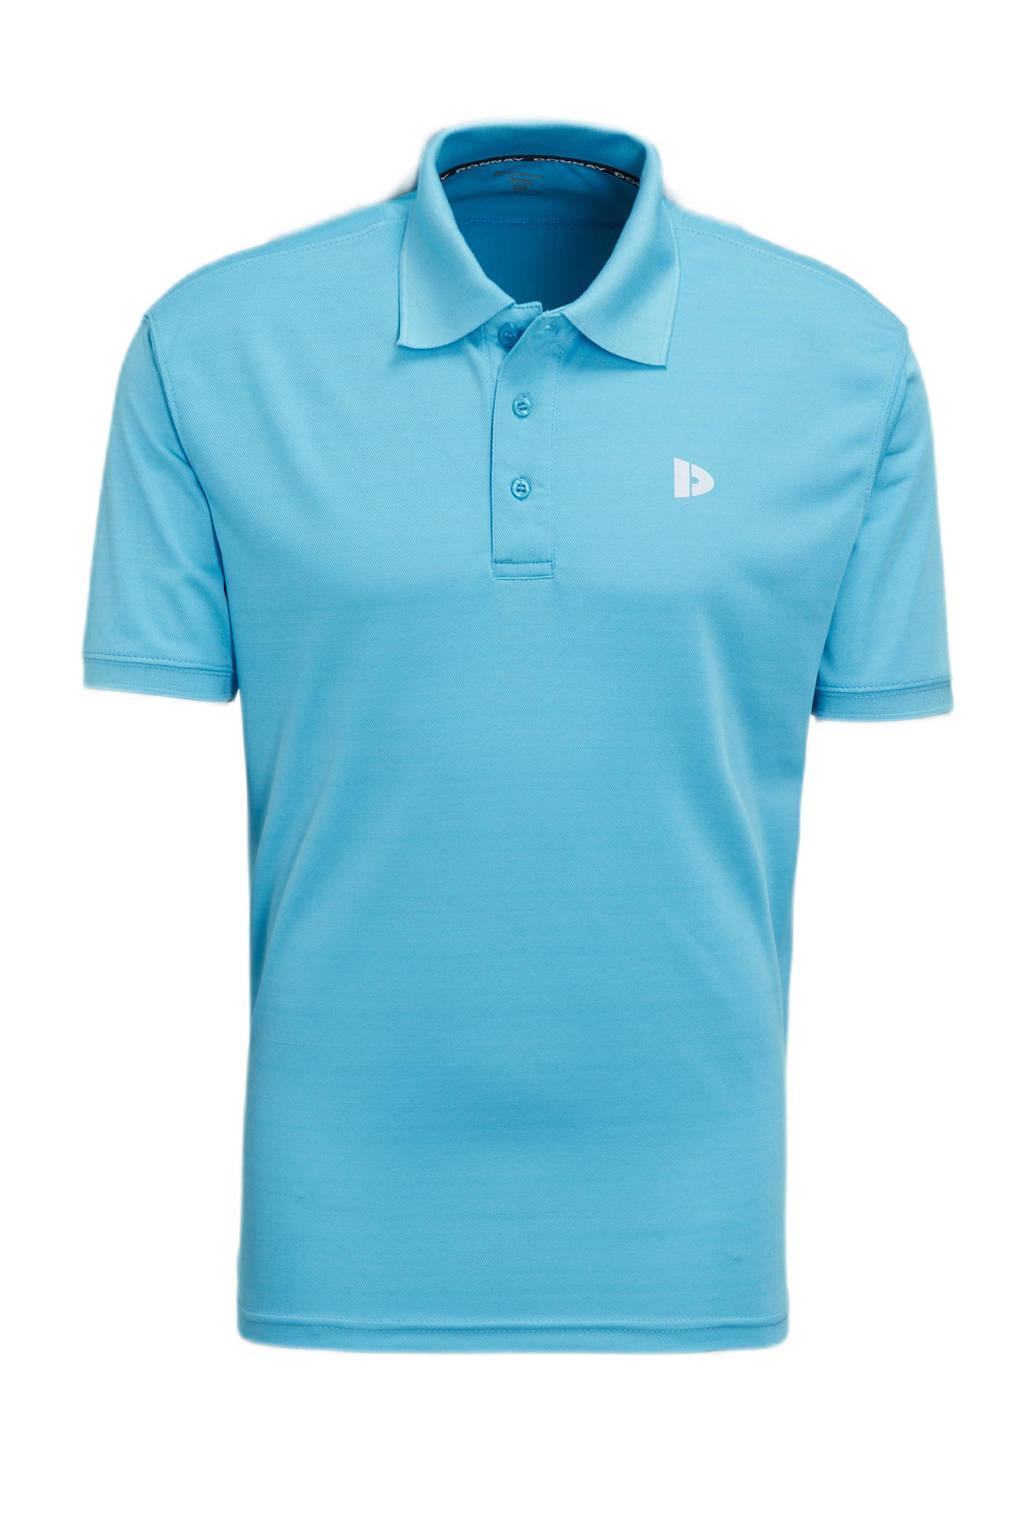 Donnay   sportpolo lichtblauw, Lichtblauw